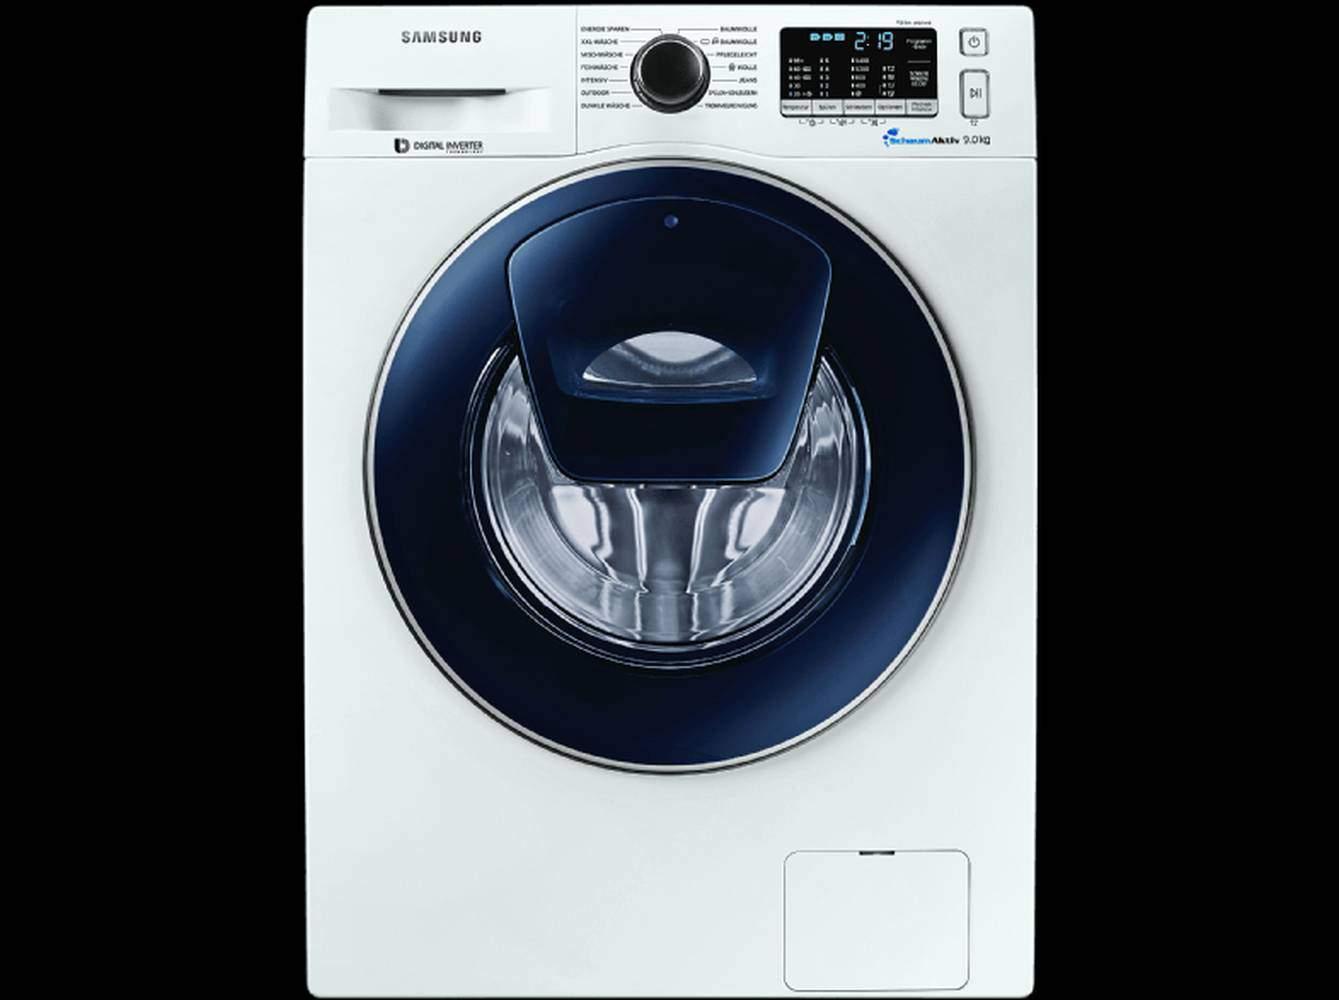 Samsung ww k uw waschmaschine im test